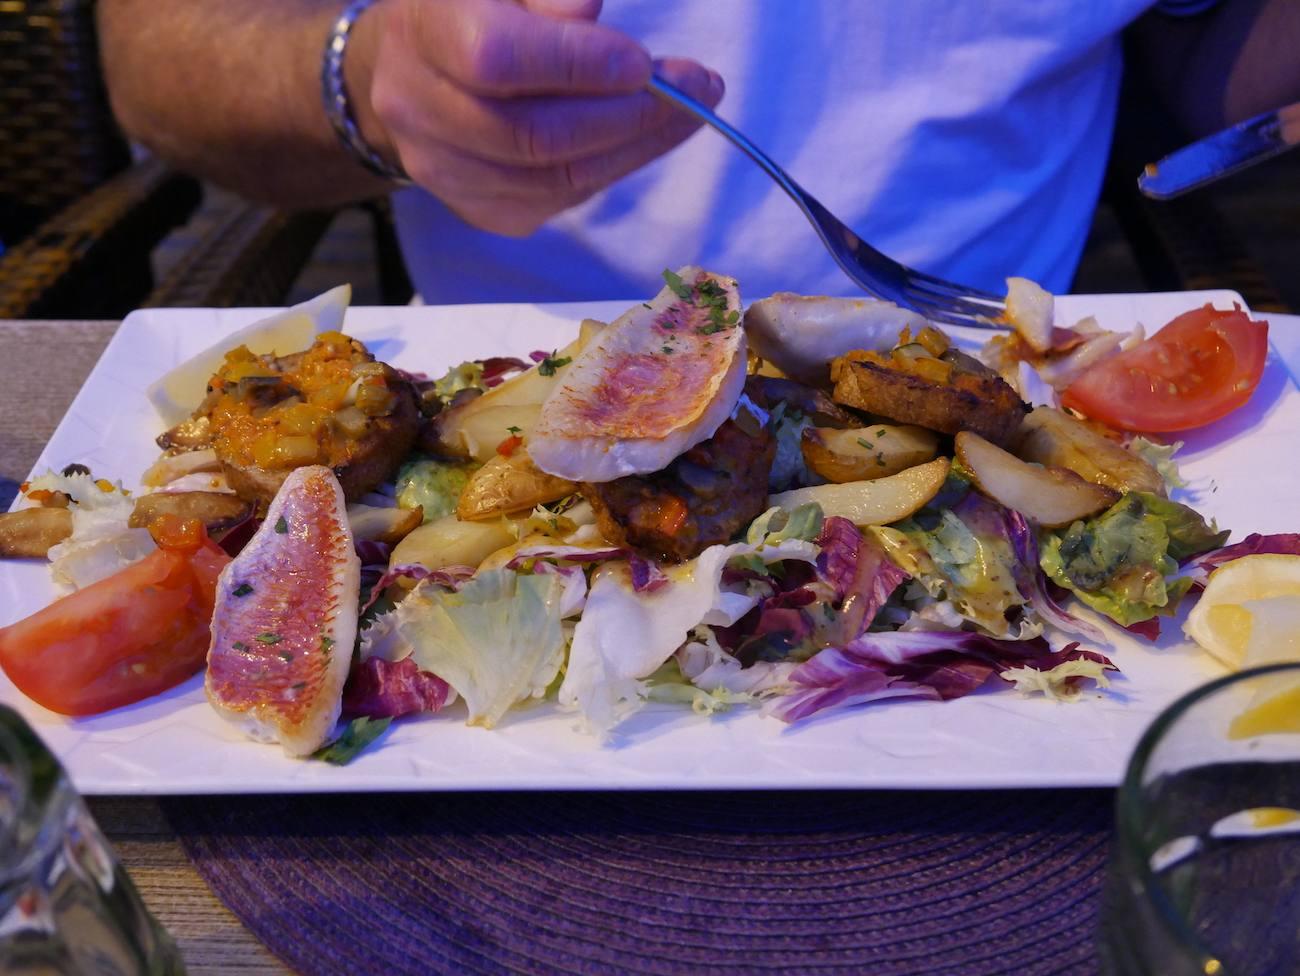 Corse - Road trip bonnes adresses - Blog Voyage nantes 22